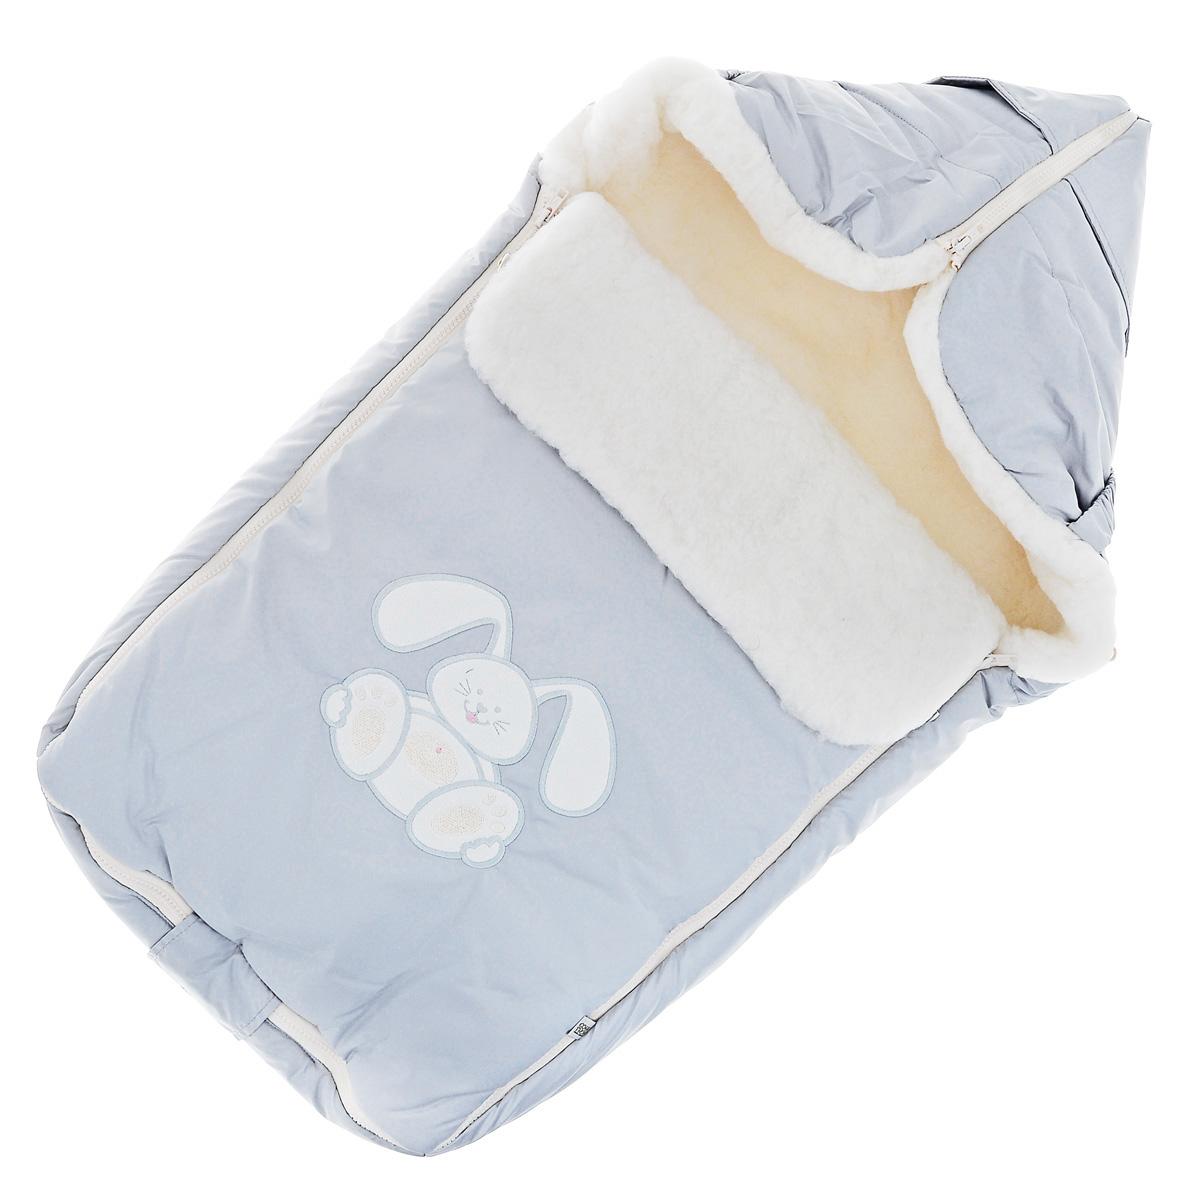 Конверт для новорожденного Сонный Гномик Зайчик, цвет: серо-голубой. 969/5. Возраст 0/9 месяцев969/5Теплый конверт для новорожденного Сонный Гномик Зайчик идеально подойдет для ребенка в холодное время года. Конверт изготовлен из водоотталкивающей и ветрозащитной ткани Dewspo (100% полиэстер) на подкладке из шерсти с добавлением полиэстера. В качестве утеплителя используется шелтер (100% полиэстер).Шелтер (Shelter) - утеплитель нового поколения с тонкими волокнами. Его более мягкие ячейки лучше удерживают воздух, эффективнее сохраняя тепло. Более частые связи между волокнами делают утеплитель прочным и позволяют сохранить его свойства даже после многократных стирок. Утеплитель шелтер максимально защищает от холода и не стесняет движений.Верхняя часть конверта может использоваться в качестве капюшона в ветреную или холодную погоду и надеваться на спинку коляски благодаря эластичным ремешкам и вставке. С помощью застежки-молнии верх принимает вид треугольного капюшона. Пластиковая застежка-молния по бокам и нижнему краю изделия помогает с легкостью доставать малыша из конверта, не тревожа его сон. Модель раскладывается на два отдельных коврика. Спереди предусмотрен отворот, фиксирующийся с помощью декоративных пуговиц. Оформлена модель аппликацией в виде забавного зайчика. Конверт заменит лишние теплые кофточки и штанишки, и, значит, свободу малыша ничто не будет ограничивать. Комфортный, удобный и практичный, этот конверт идеально подойдет для прогулок на свежем воздухе!